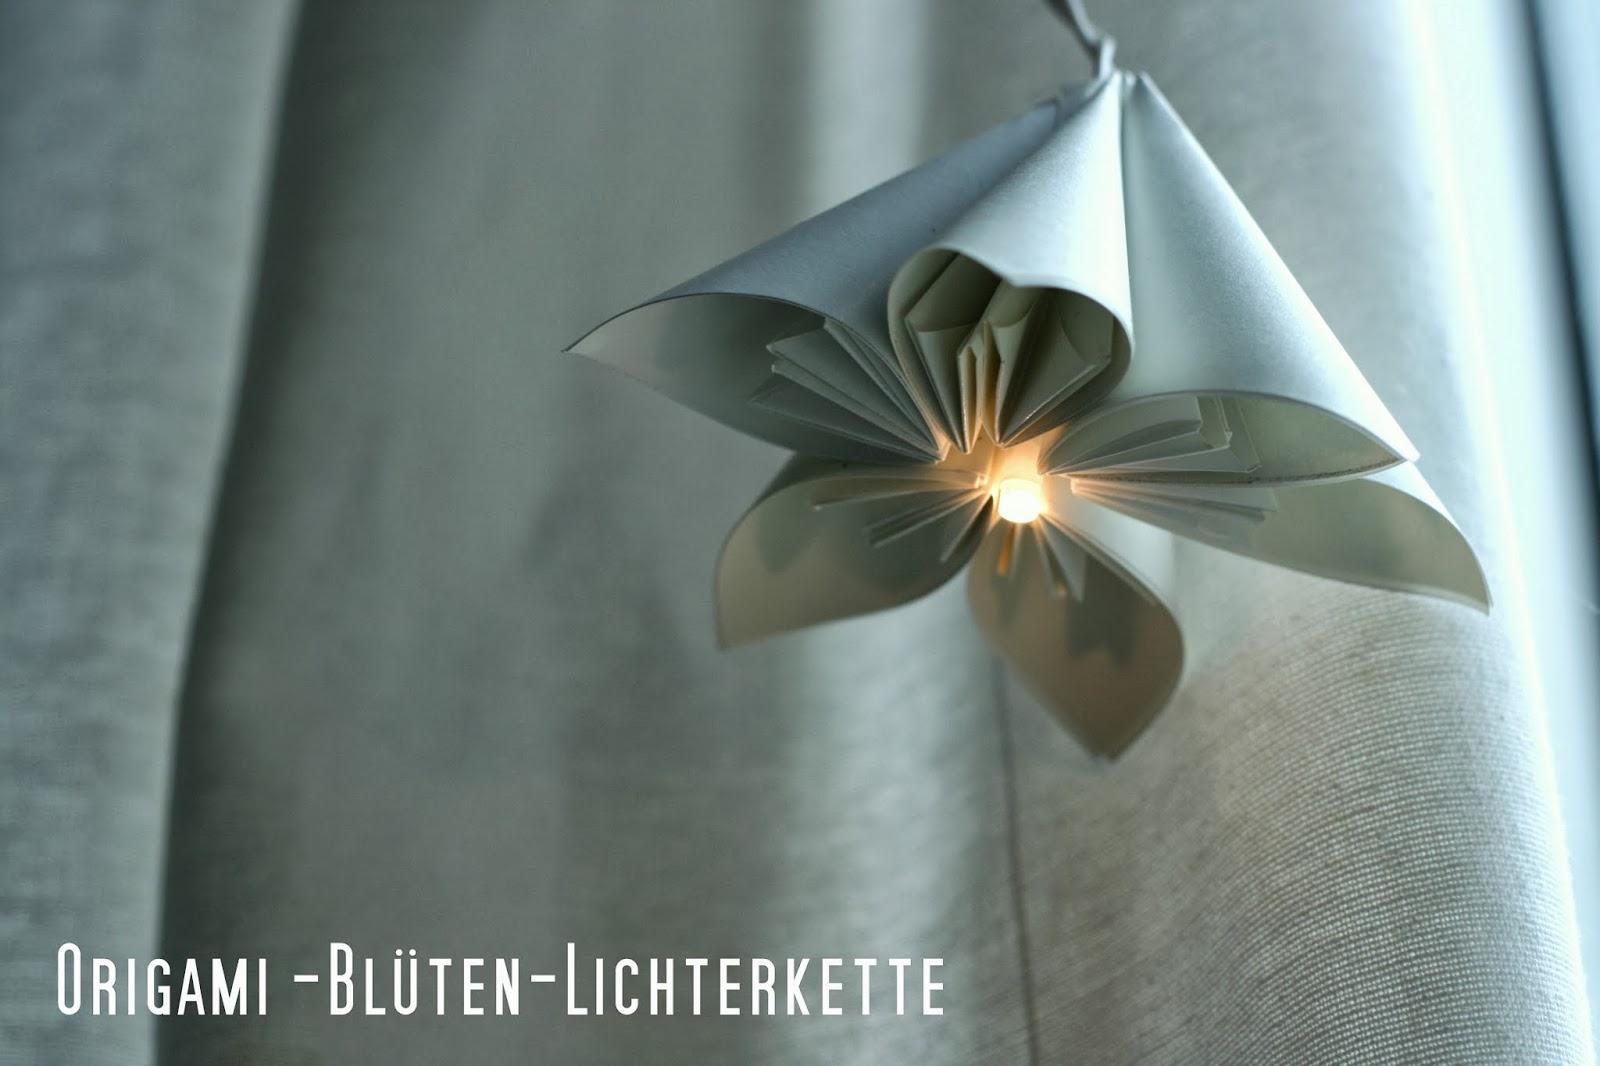 vida nullvier lichterkette mit origami bl ten. Black Bedroom Furniture Sets. Home Design Ideas